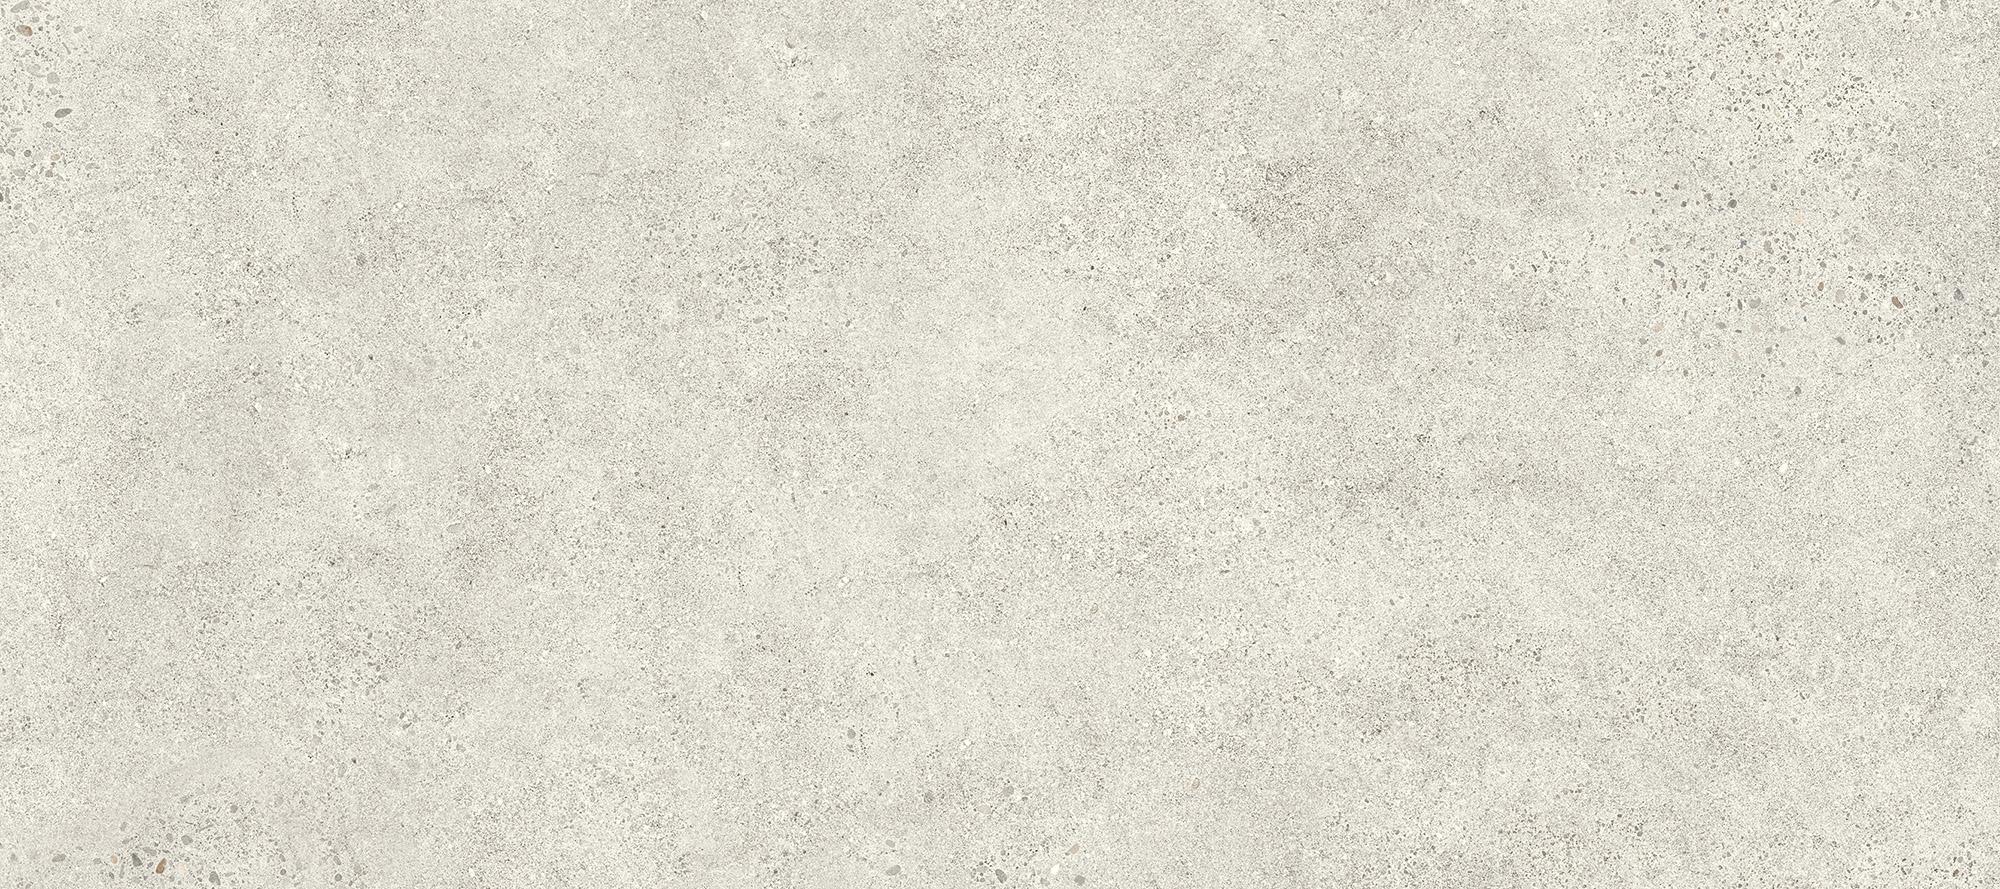 0099601, Deep, Valkoinen, lattia,pakkasenkesto,liukastumisenesto,uimahalli